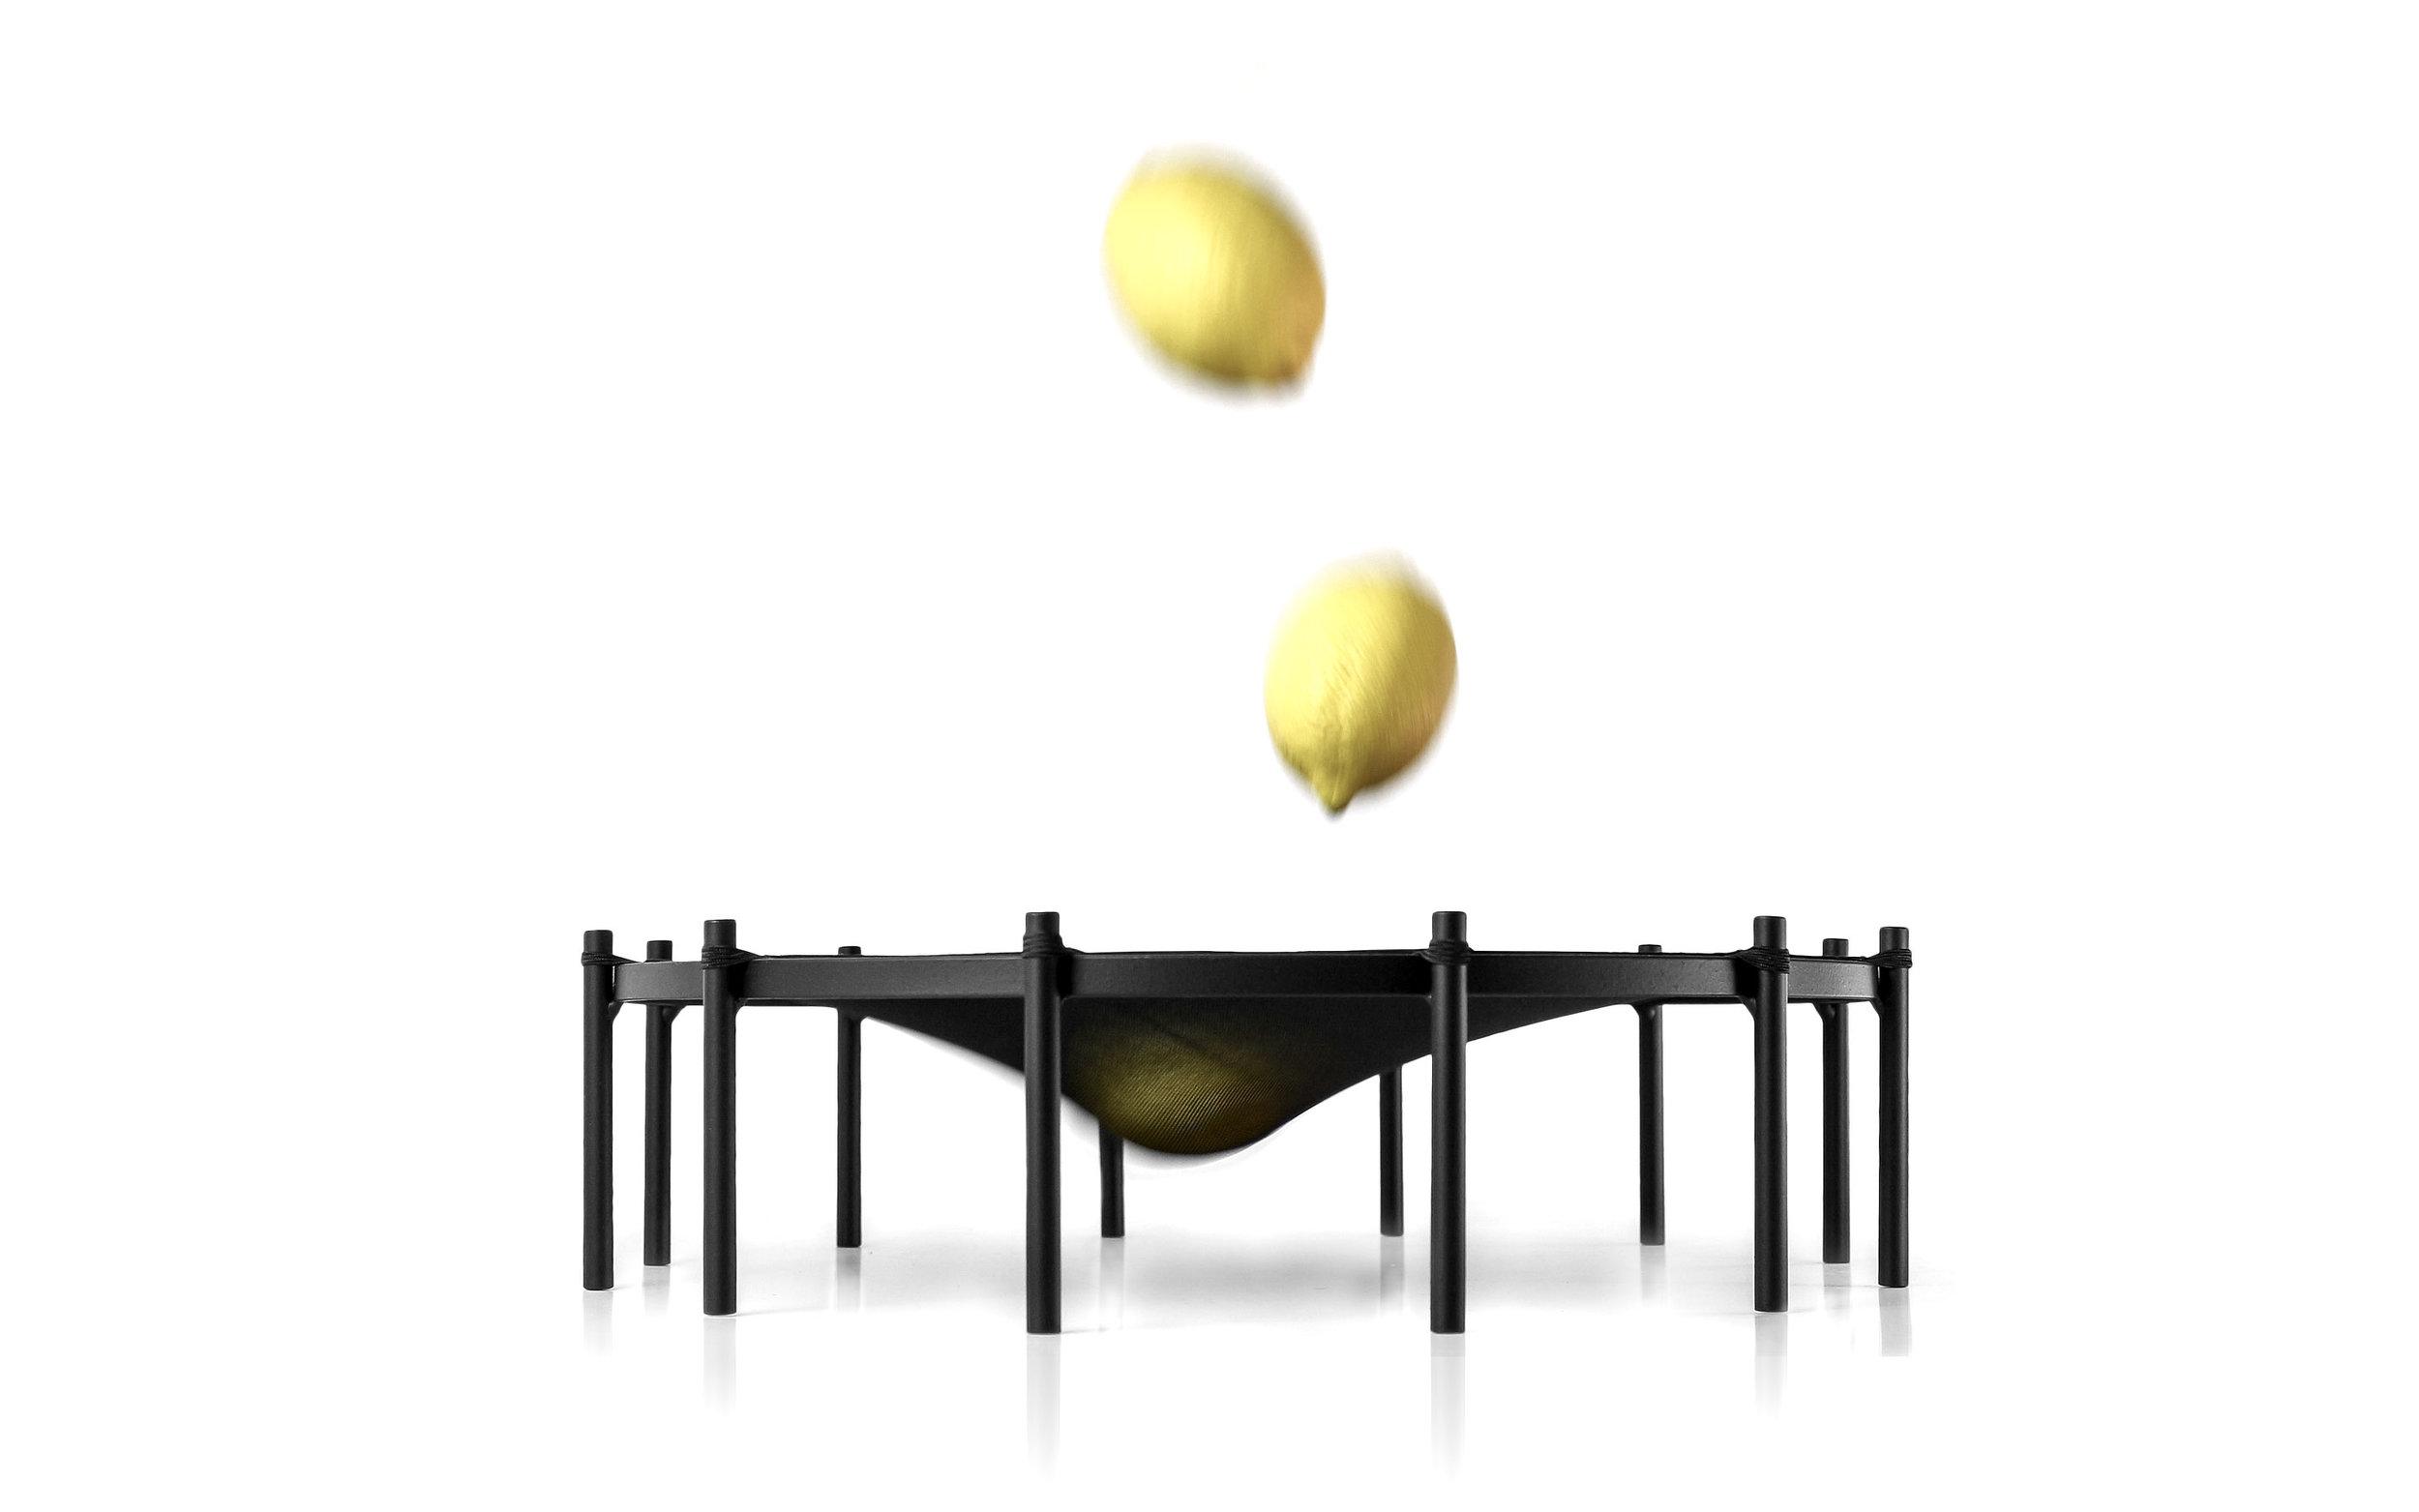 Formacy-Trampoline_Front_LemonsFalling_WEB.jpg